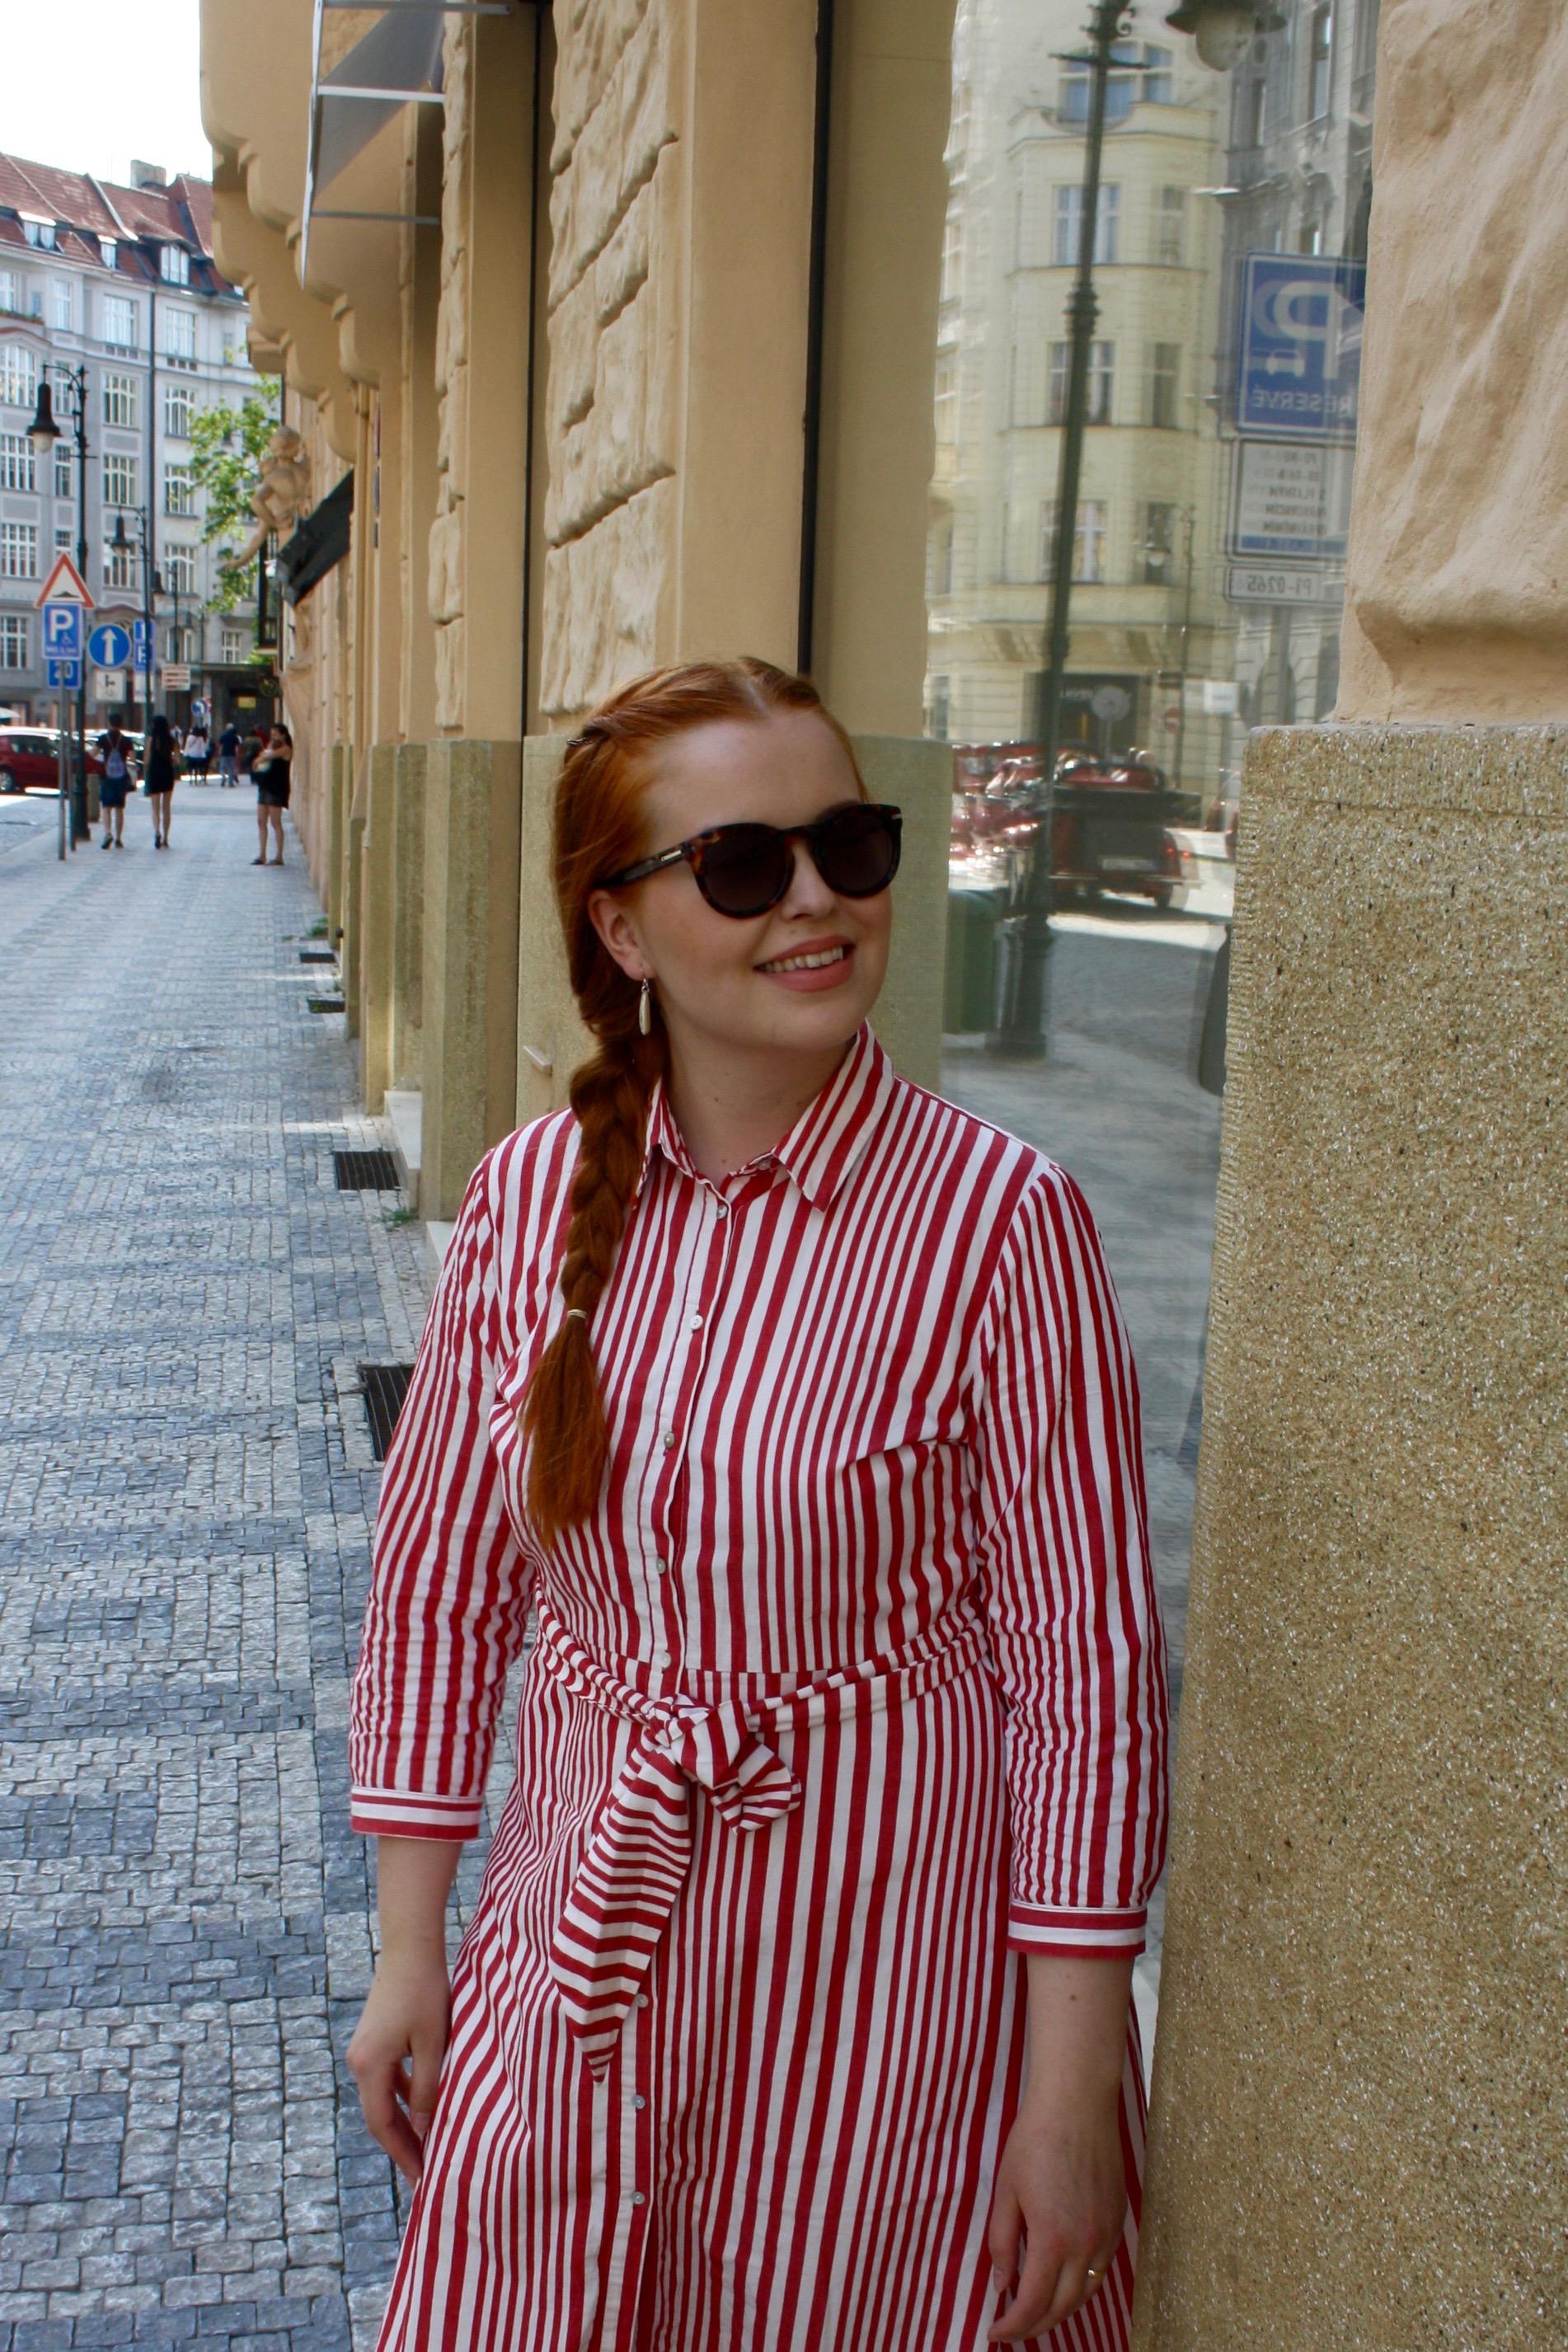 Mekko kuin Marianne – Nennen blogi | Lily